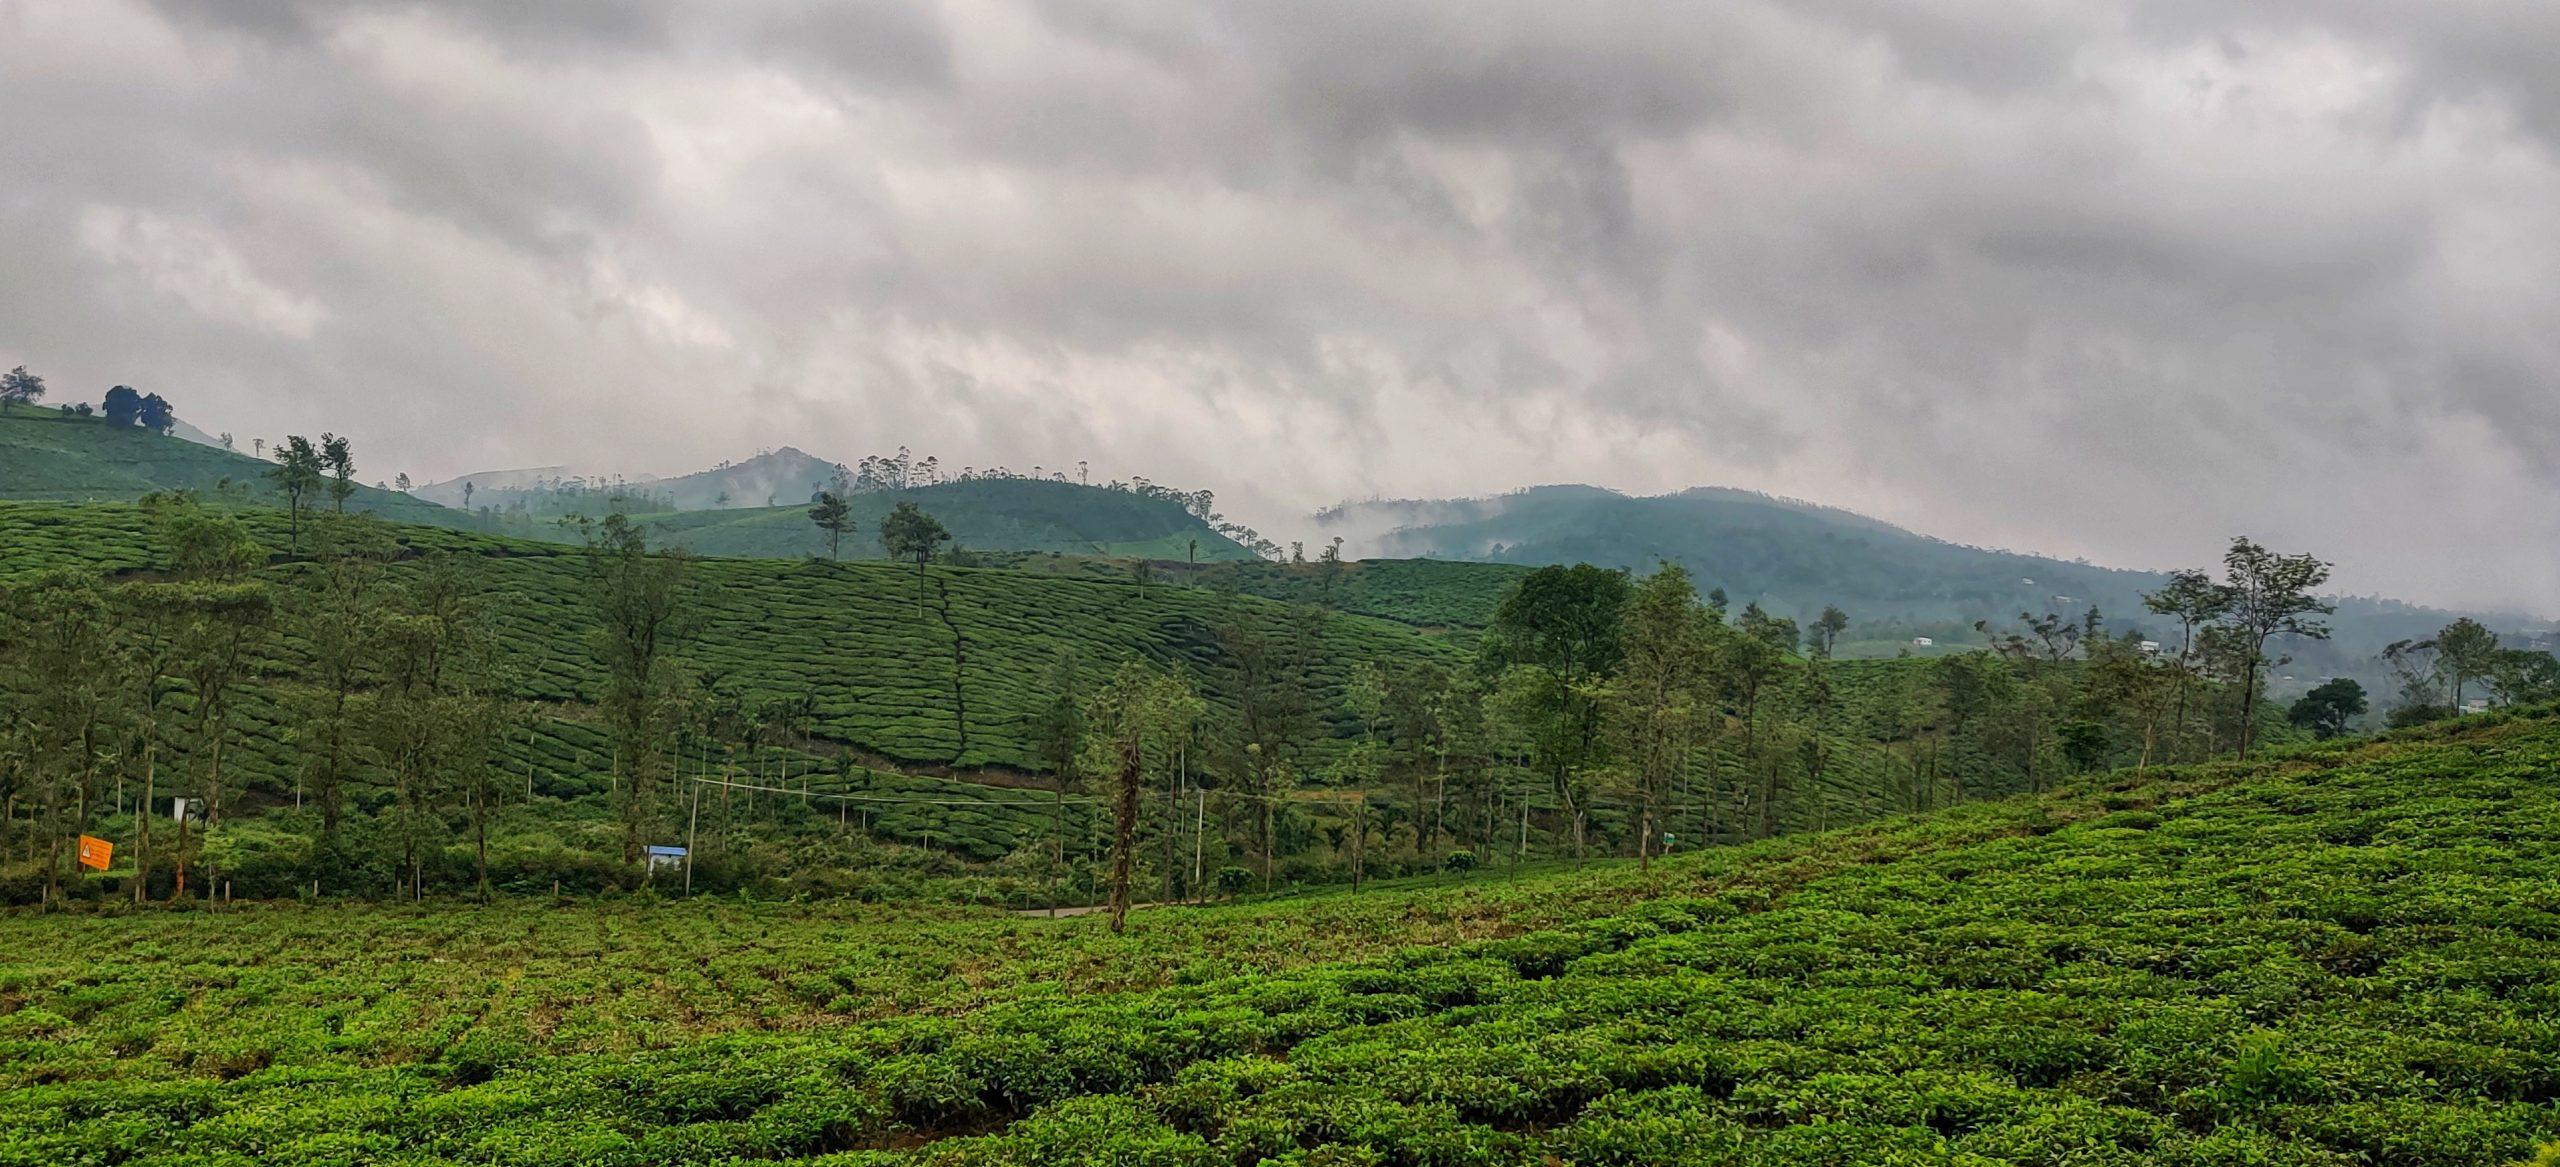 A tea estate valley